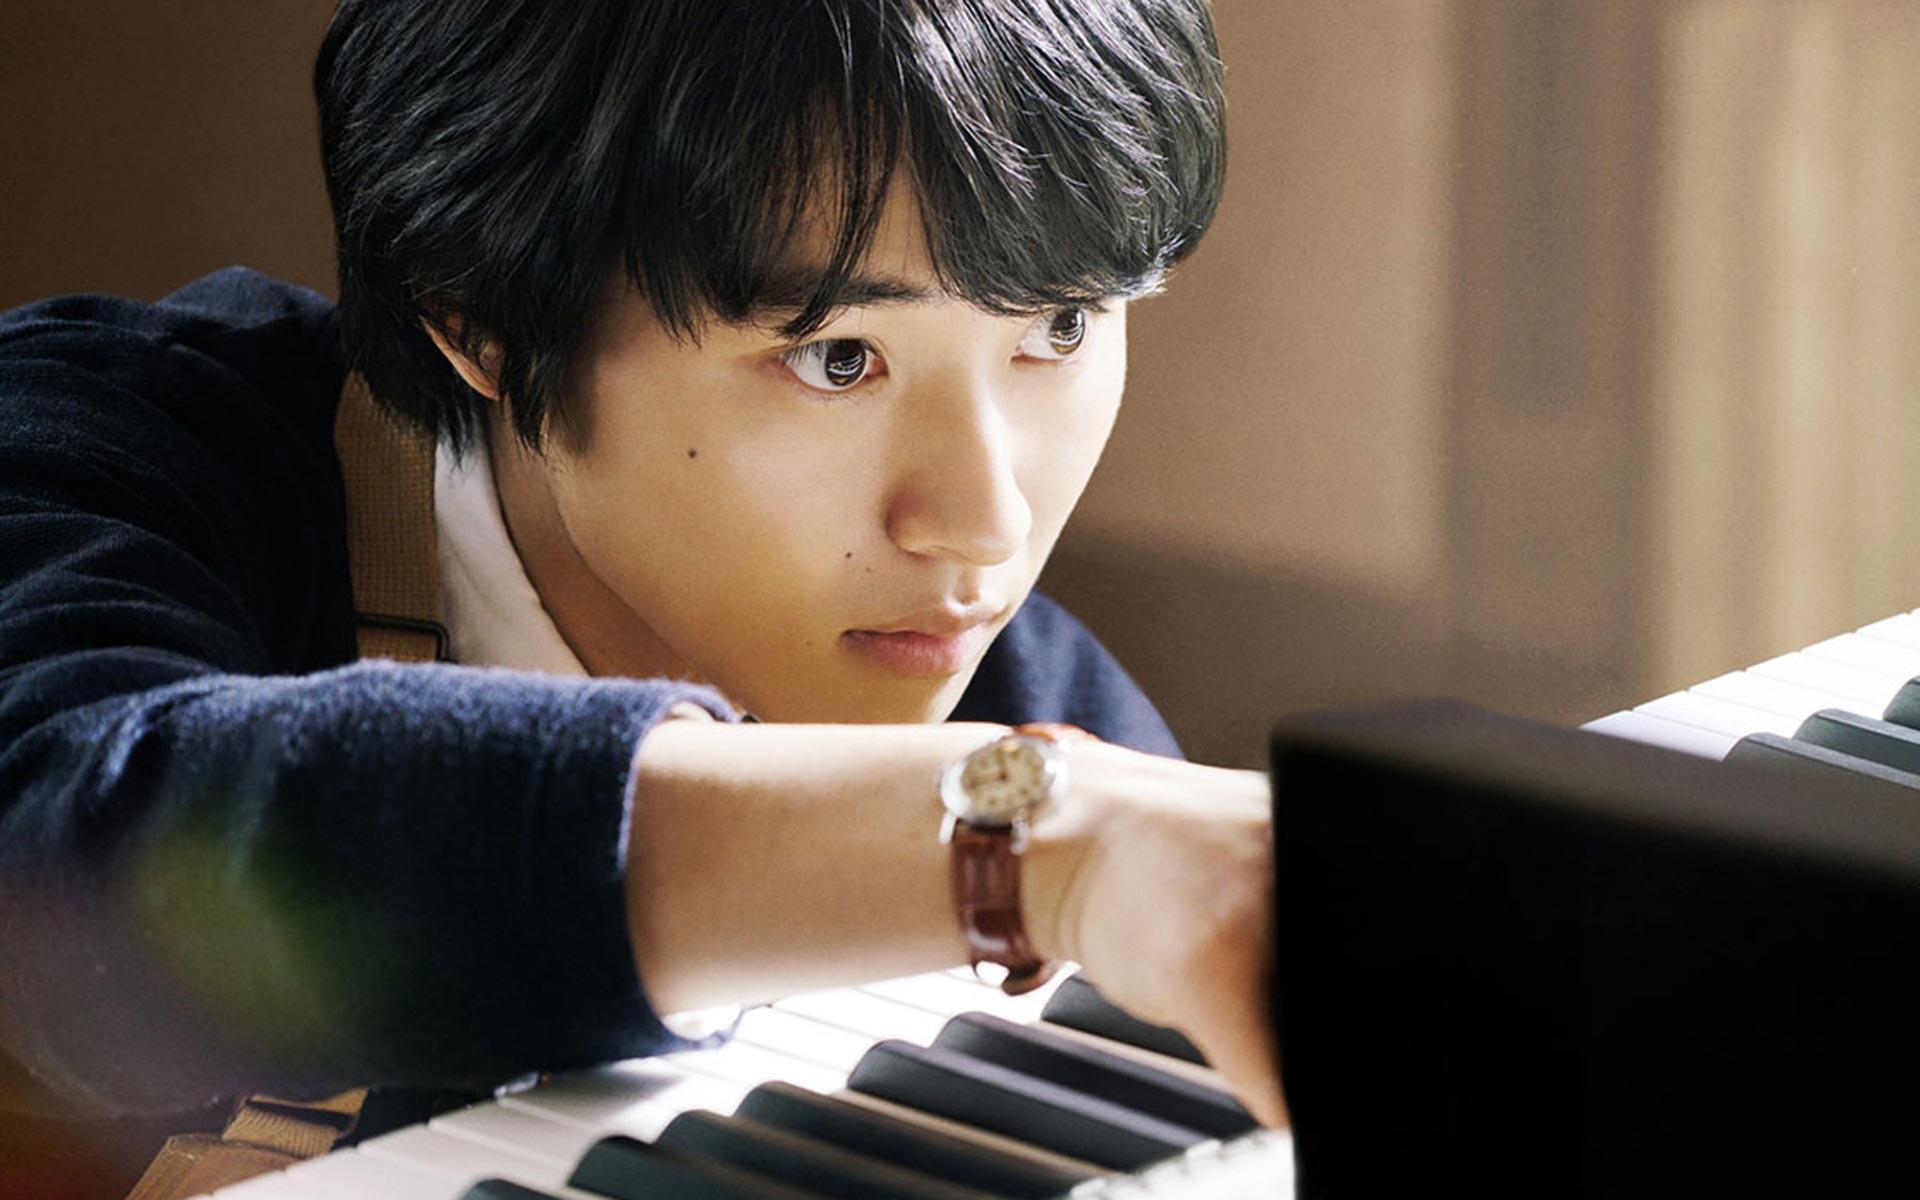 映画 羊と鋼の森 ピアノ調教師